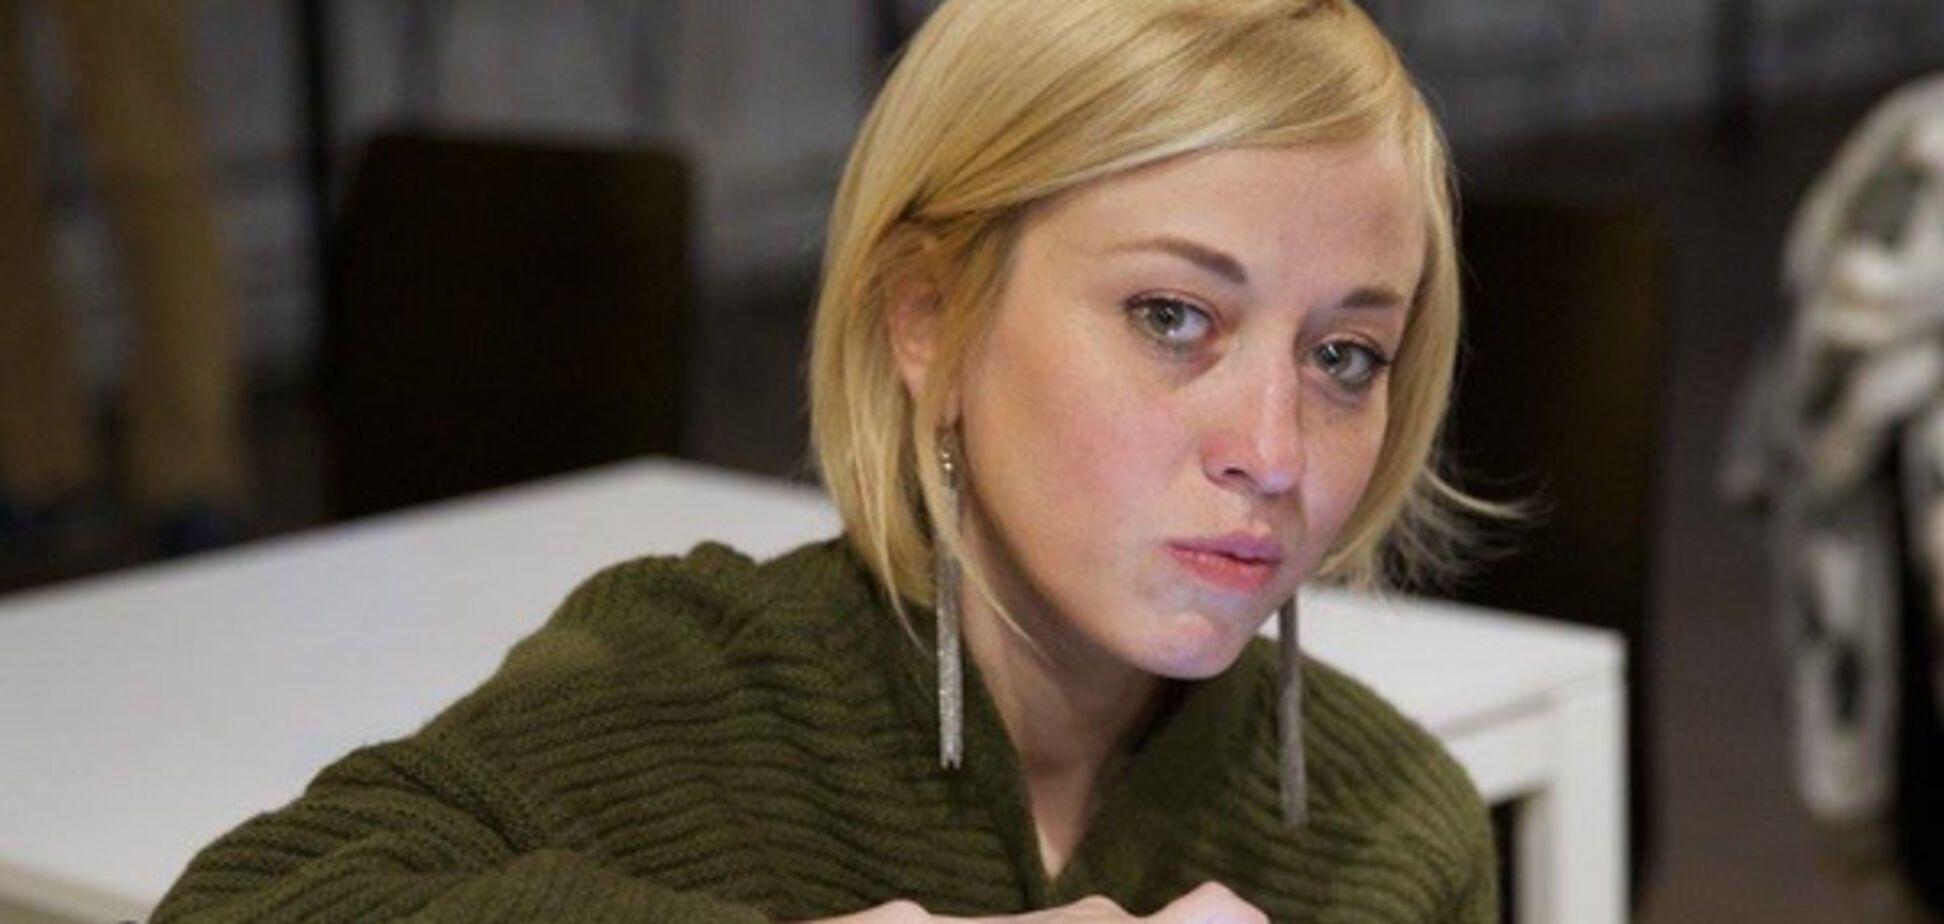 Відома українська журналістка потрапила в жахливу ДТП з Uber: опубліковано фото